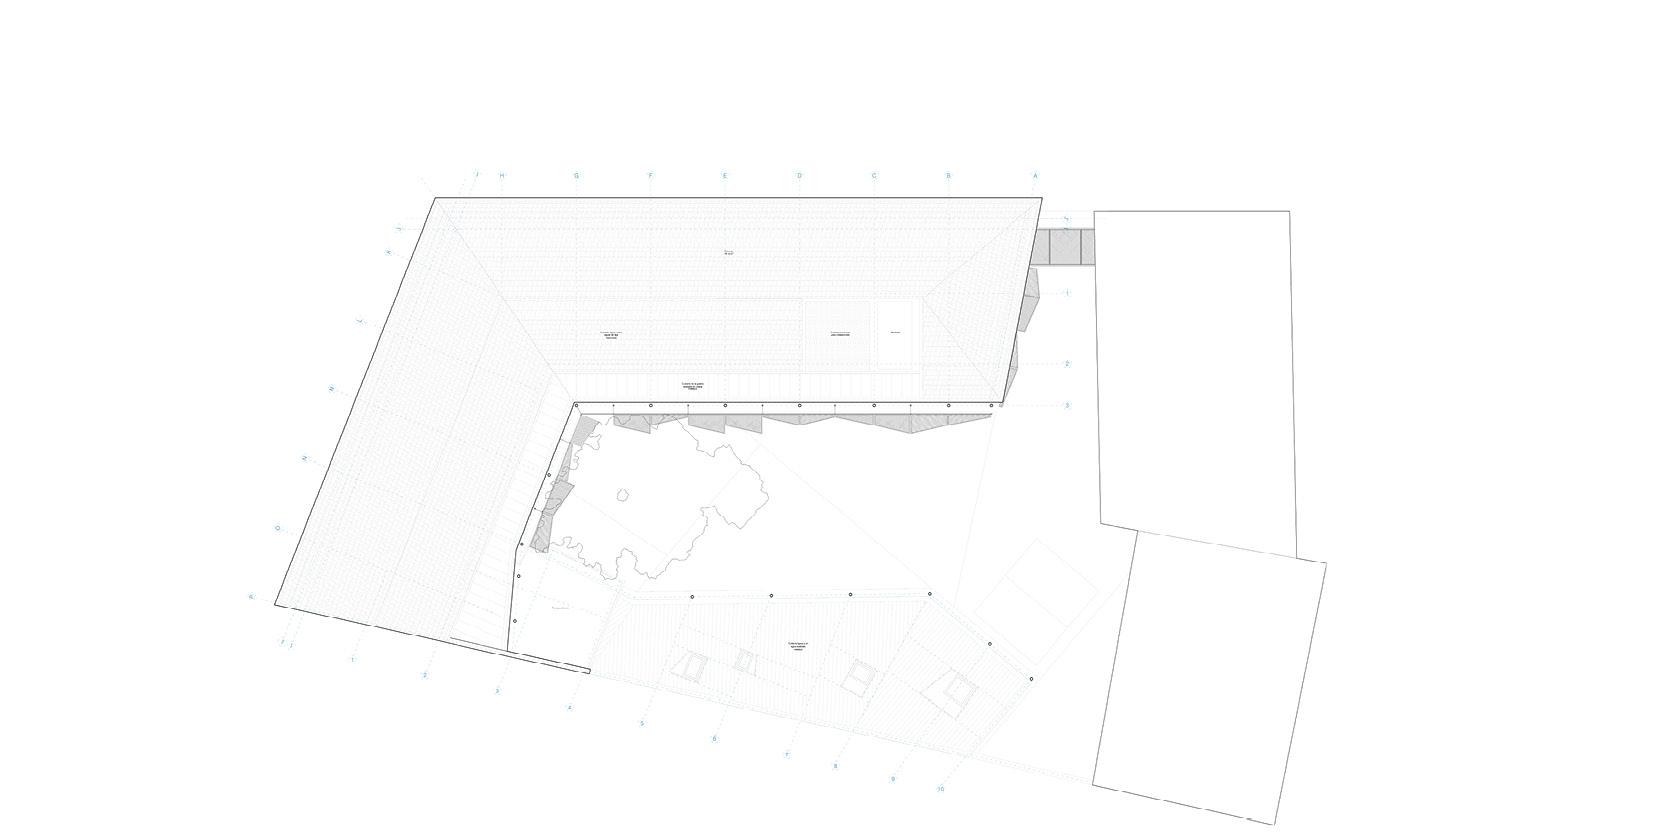 OCA architects arquitectos y DDA Centro de dia medicalizado para personas mayores en Paracuellos de Jarama Hernan Lleida Bernardo Garcia12